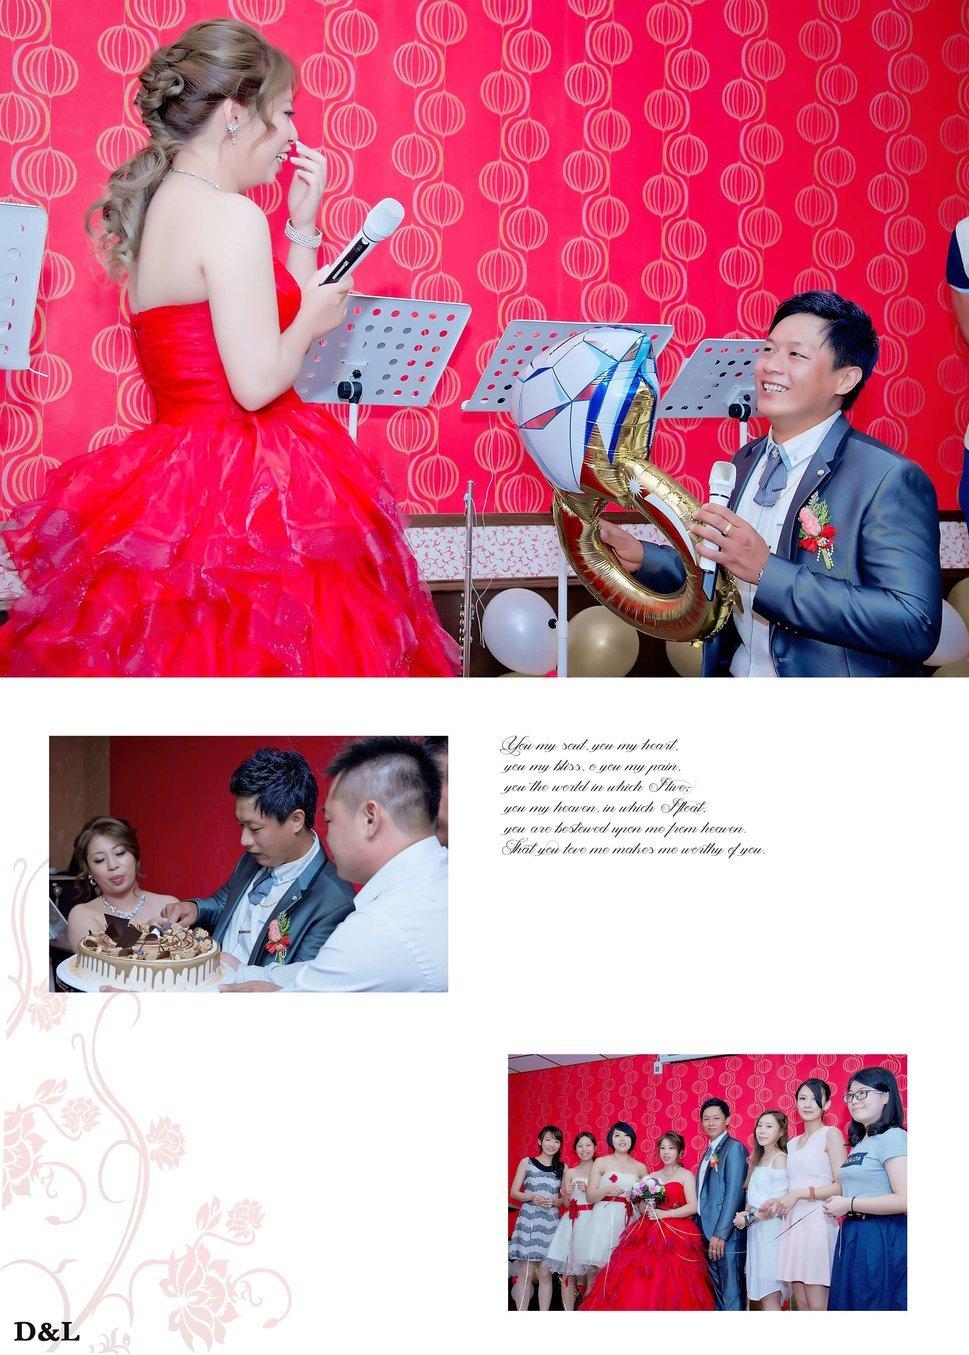 婚禮紀錄 敬添&綉芬(編號:253243) - D&L 婚禮事務-婚禮攝影/婚紗寫真 - 結婚吧一站式婚禮服務平台